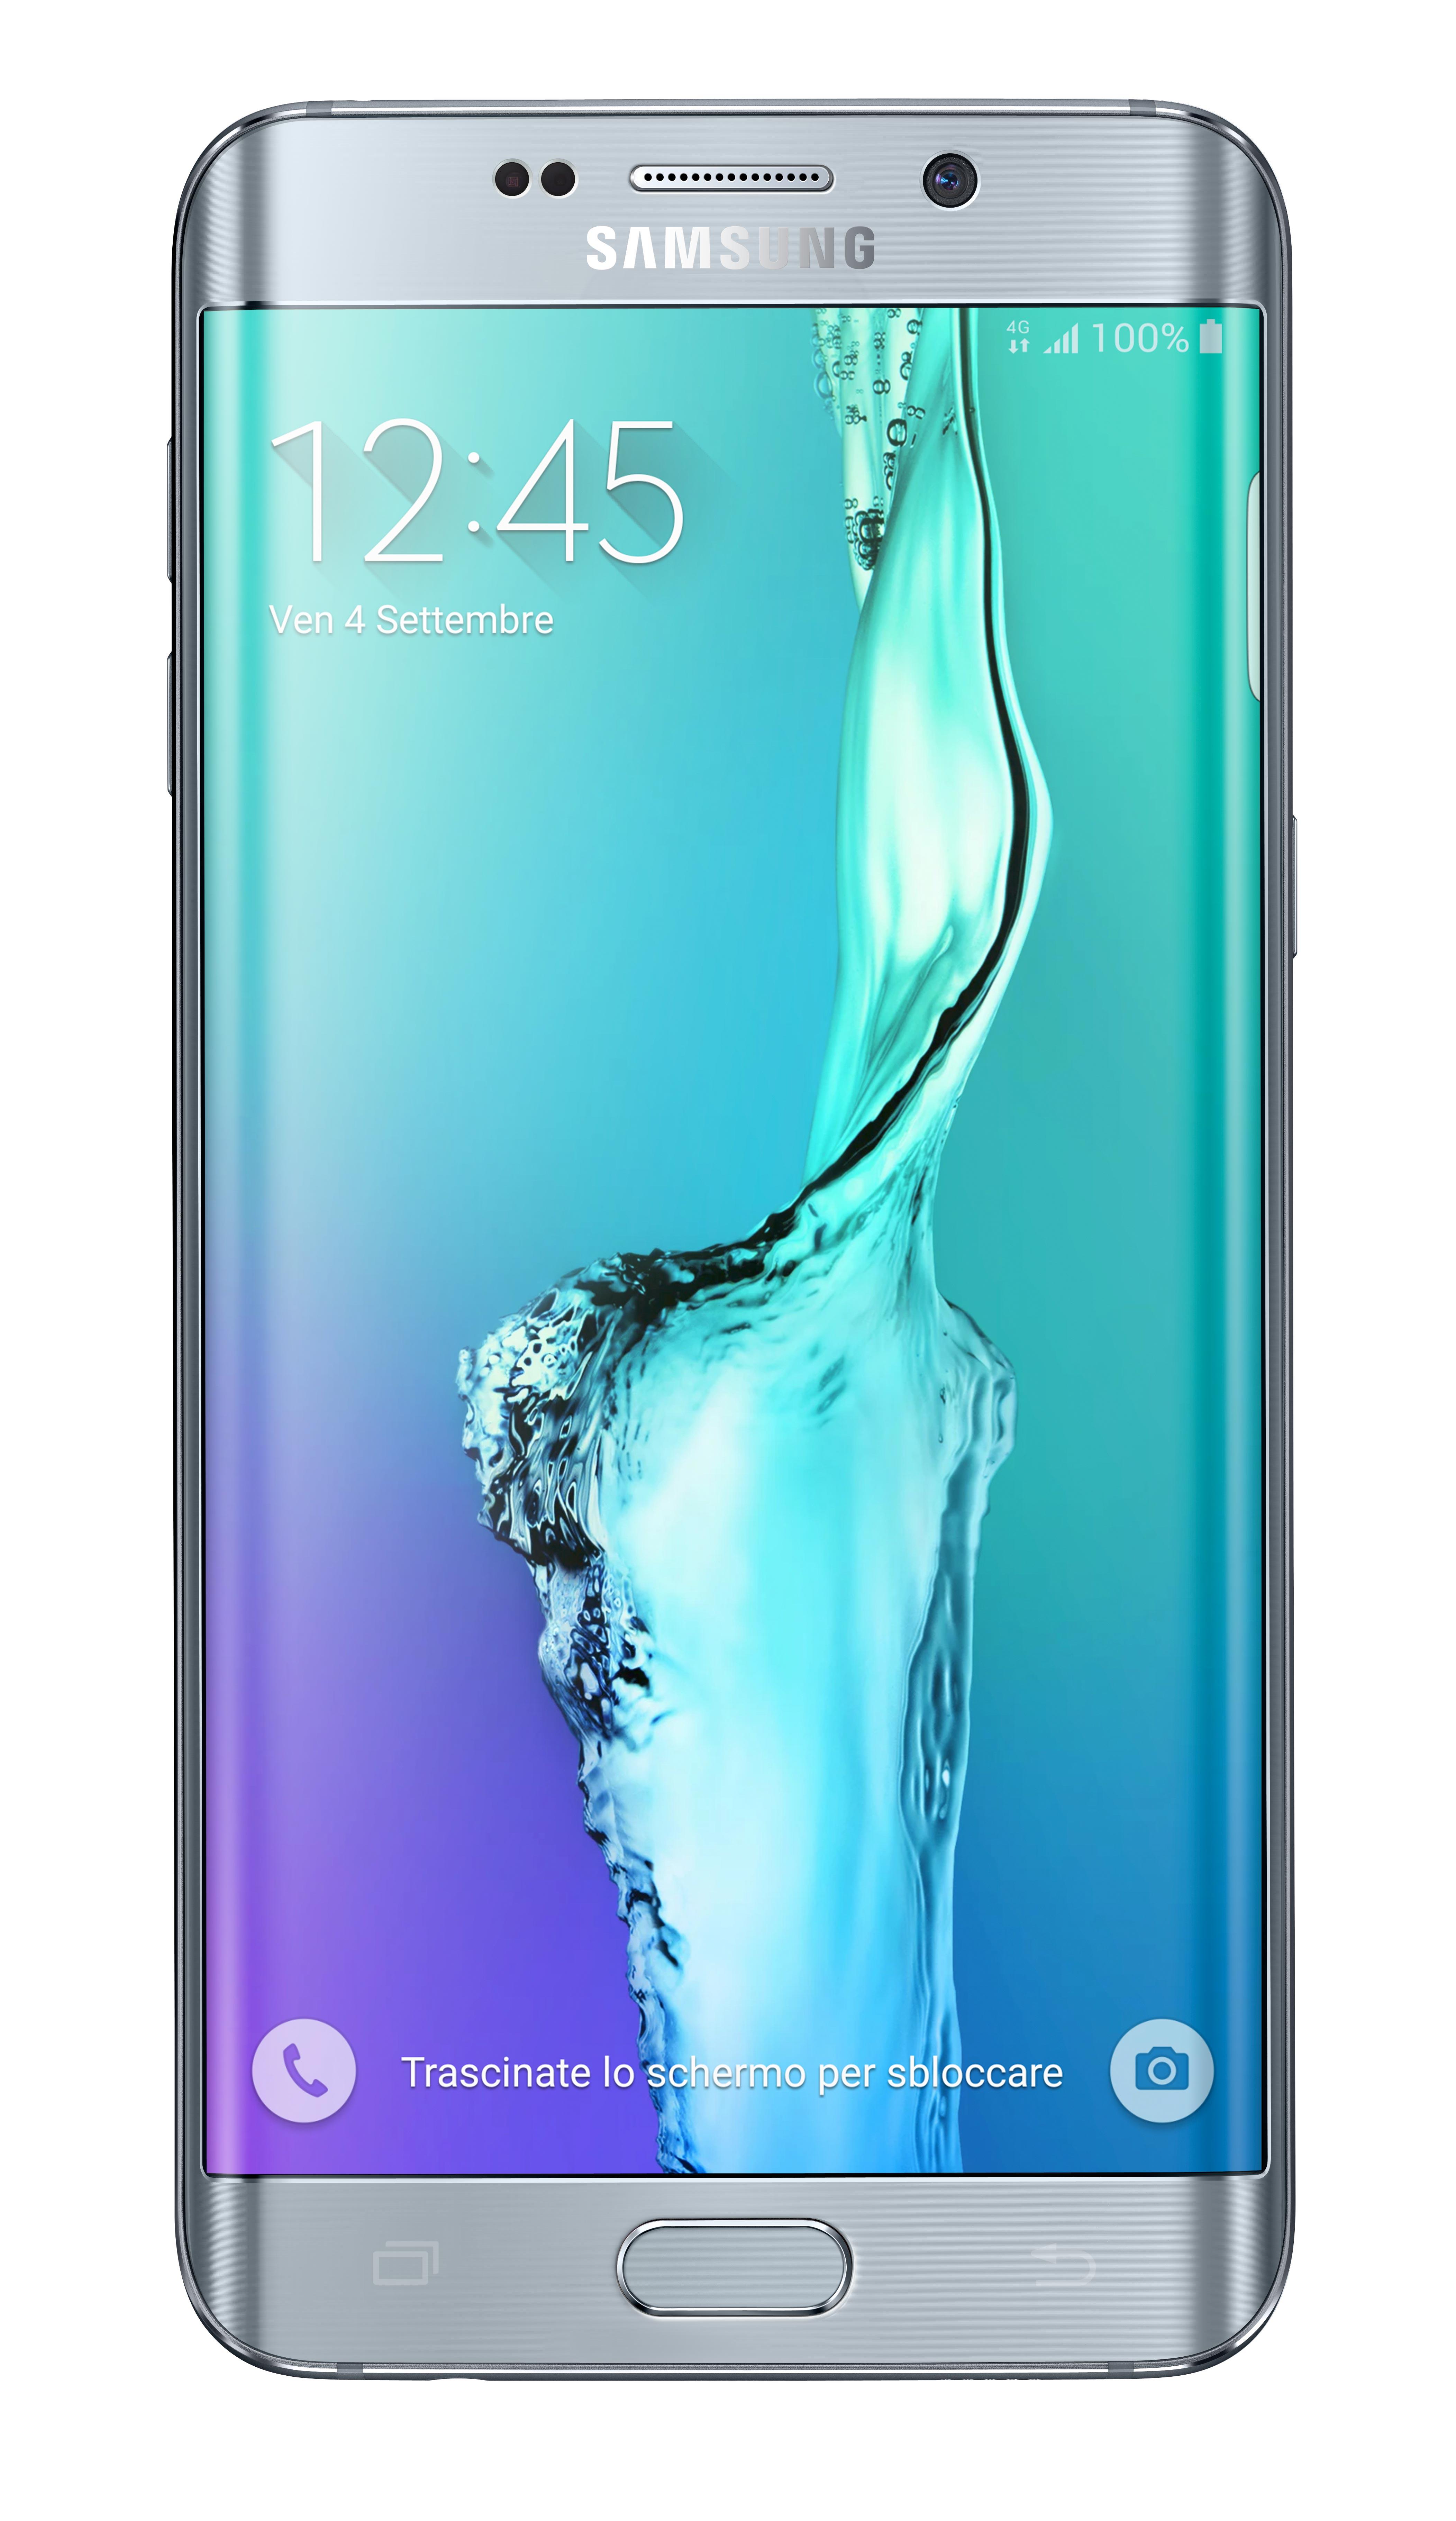 Samsung Galaxy S6 Edge Plus: la versione Titanium Silver